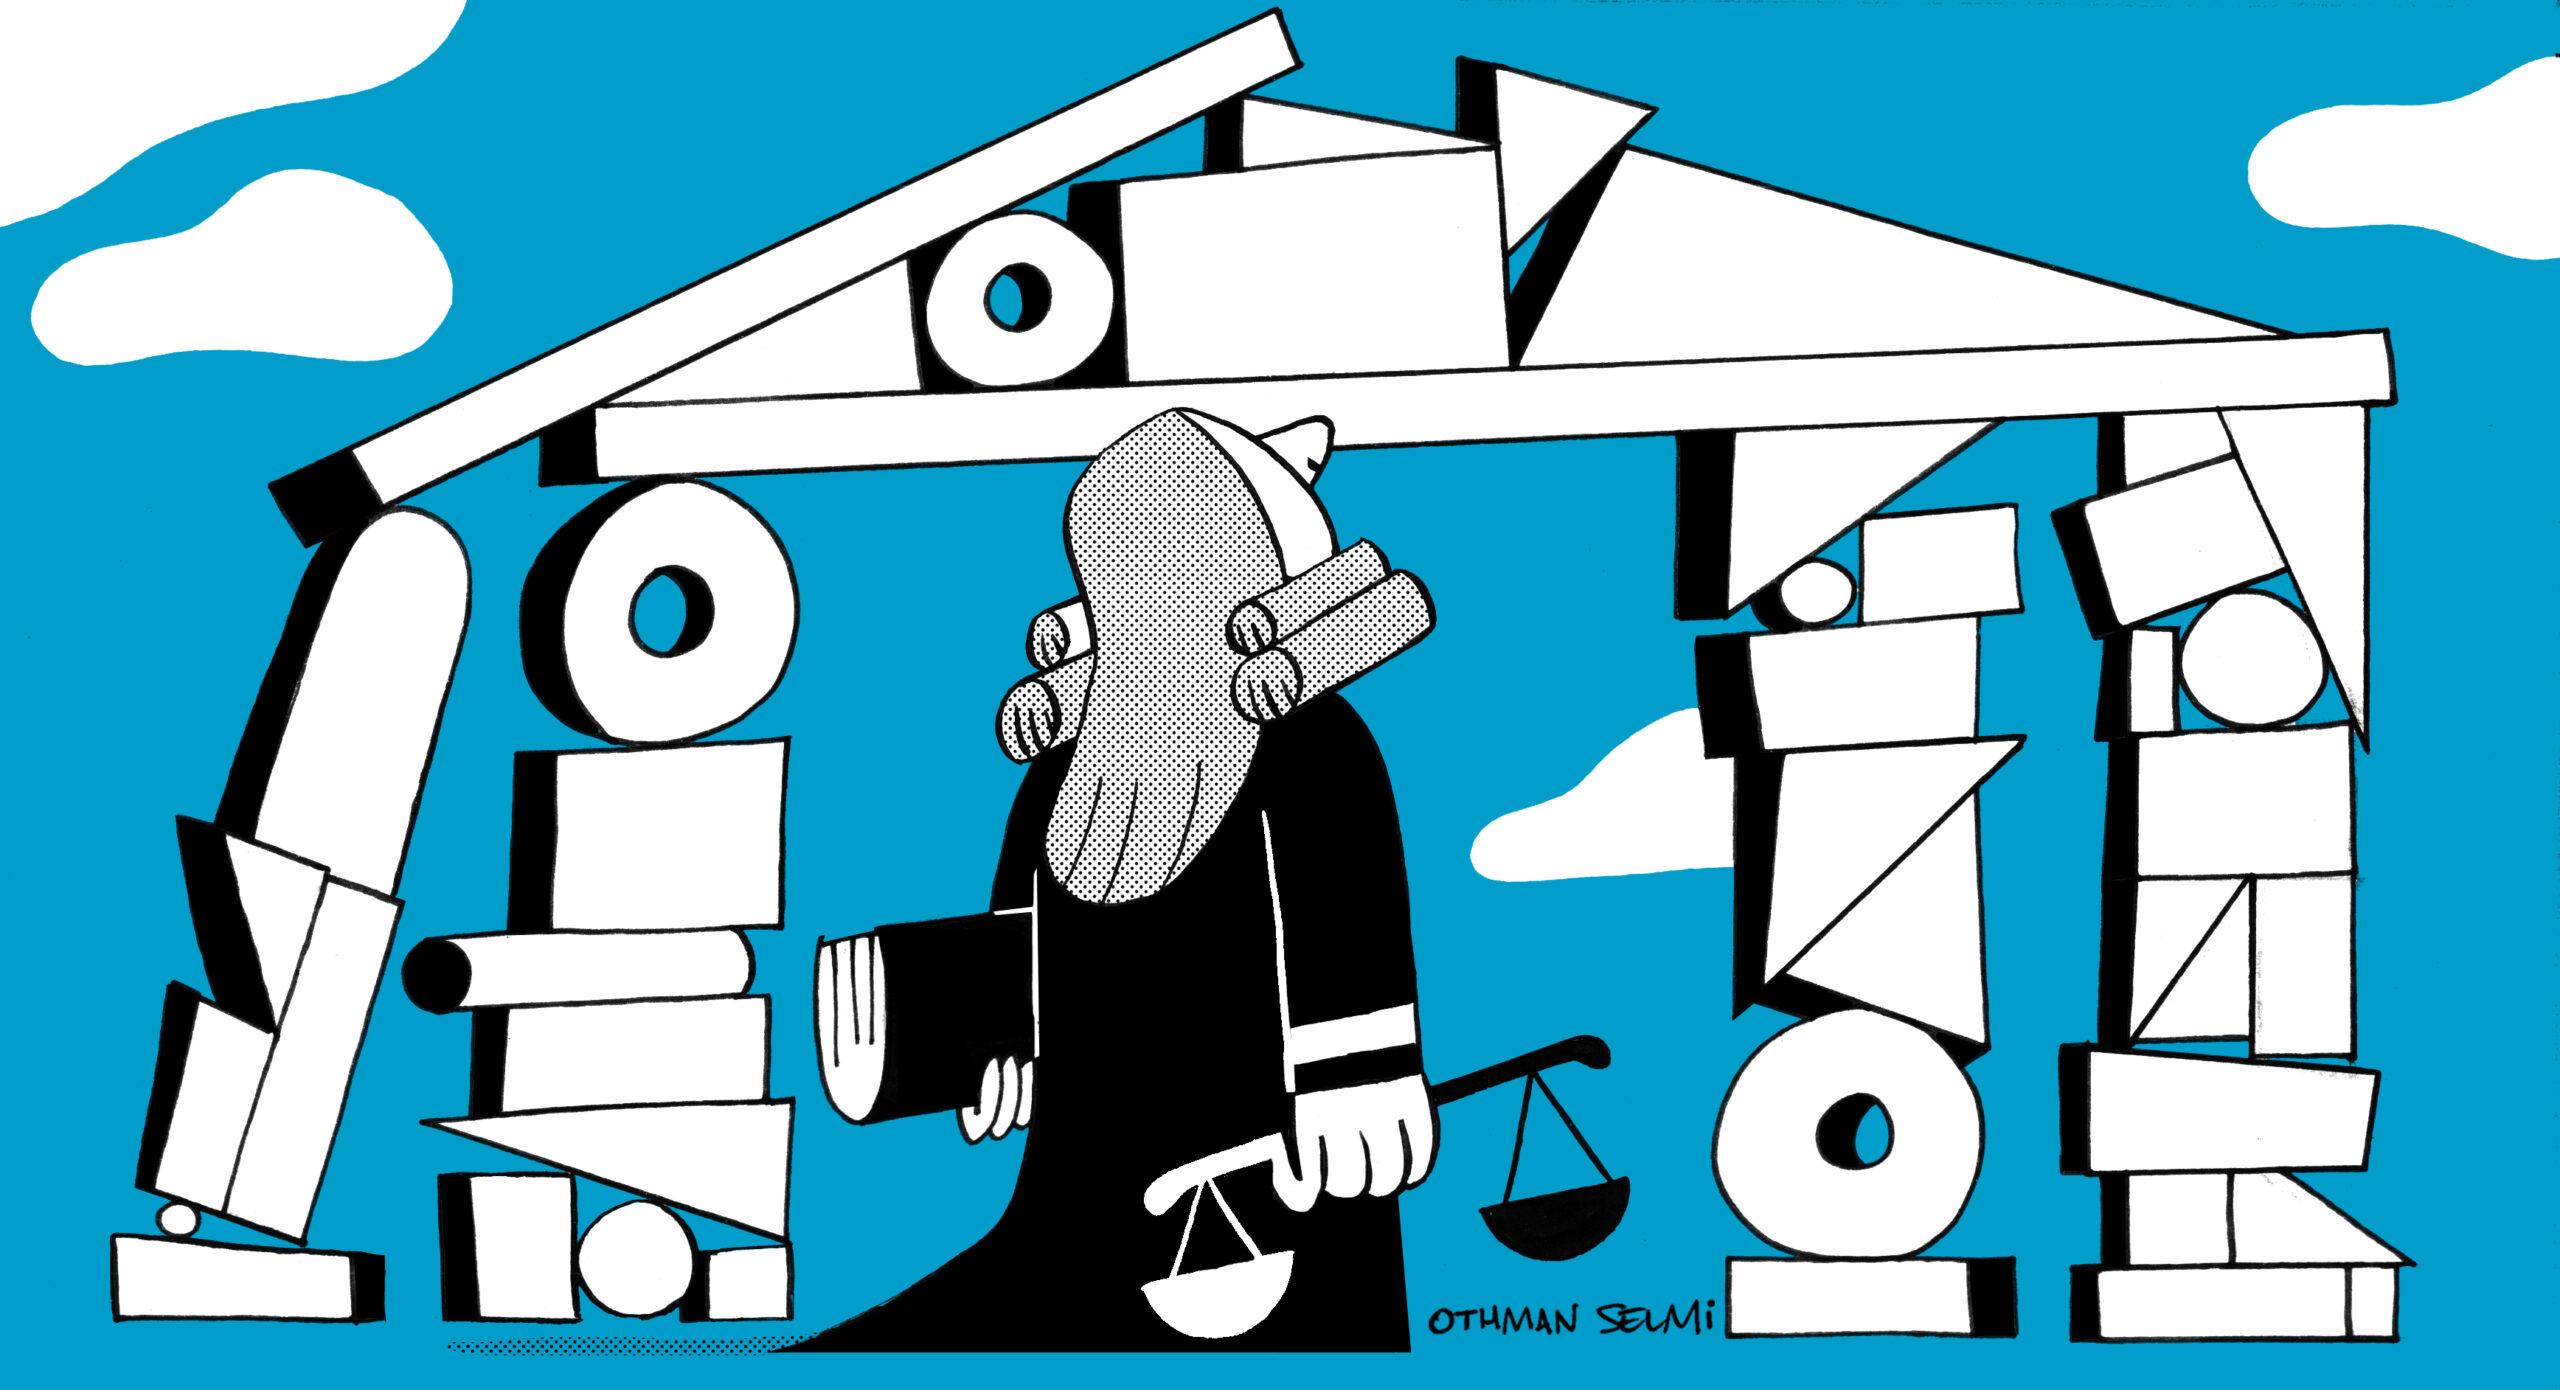 دمقرطة مؤسسات القضاء سؤال آن زمان طرحه